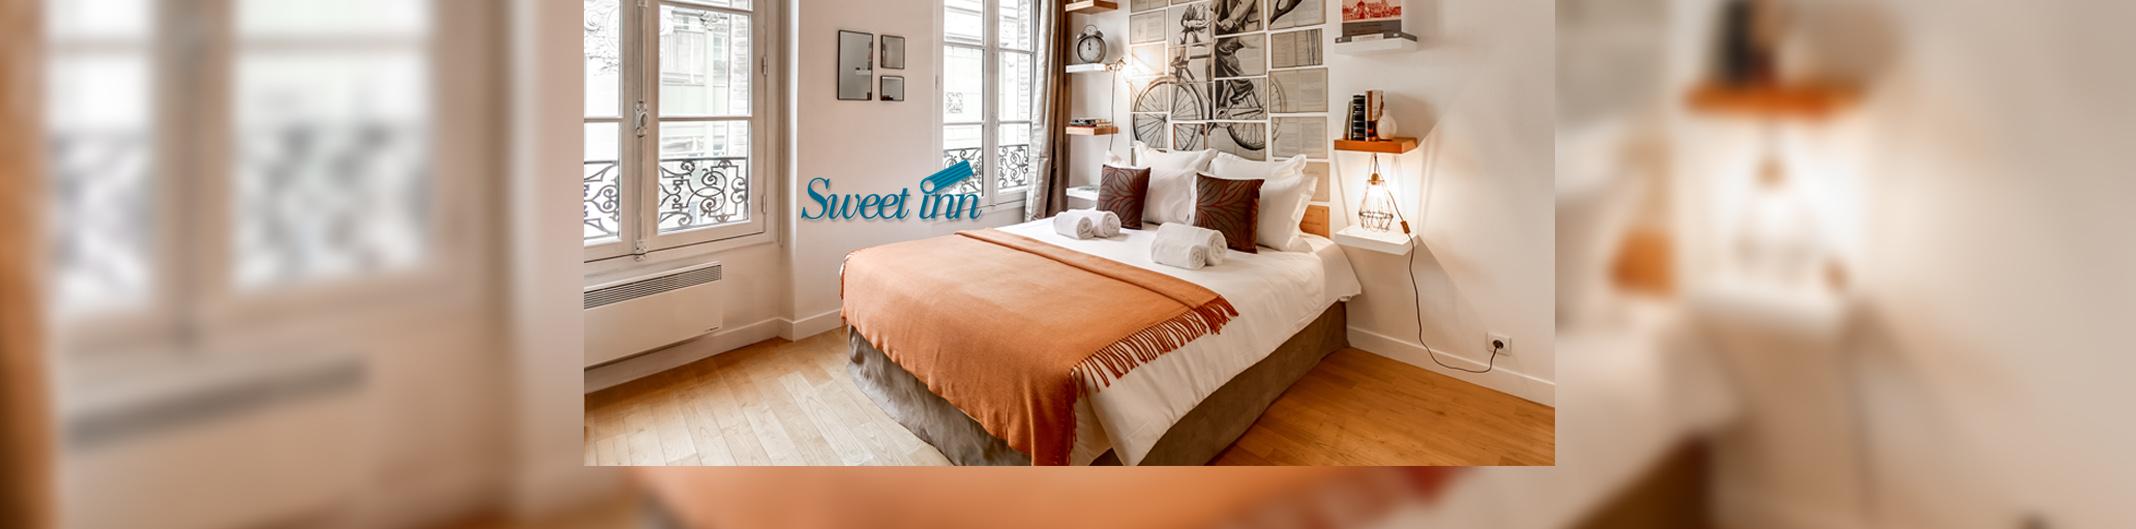 montage-sweet-inn-accueil-web-3